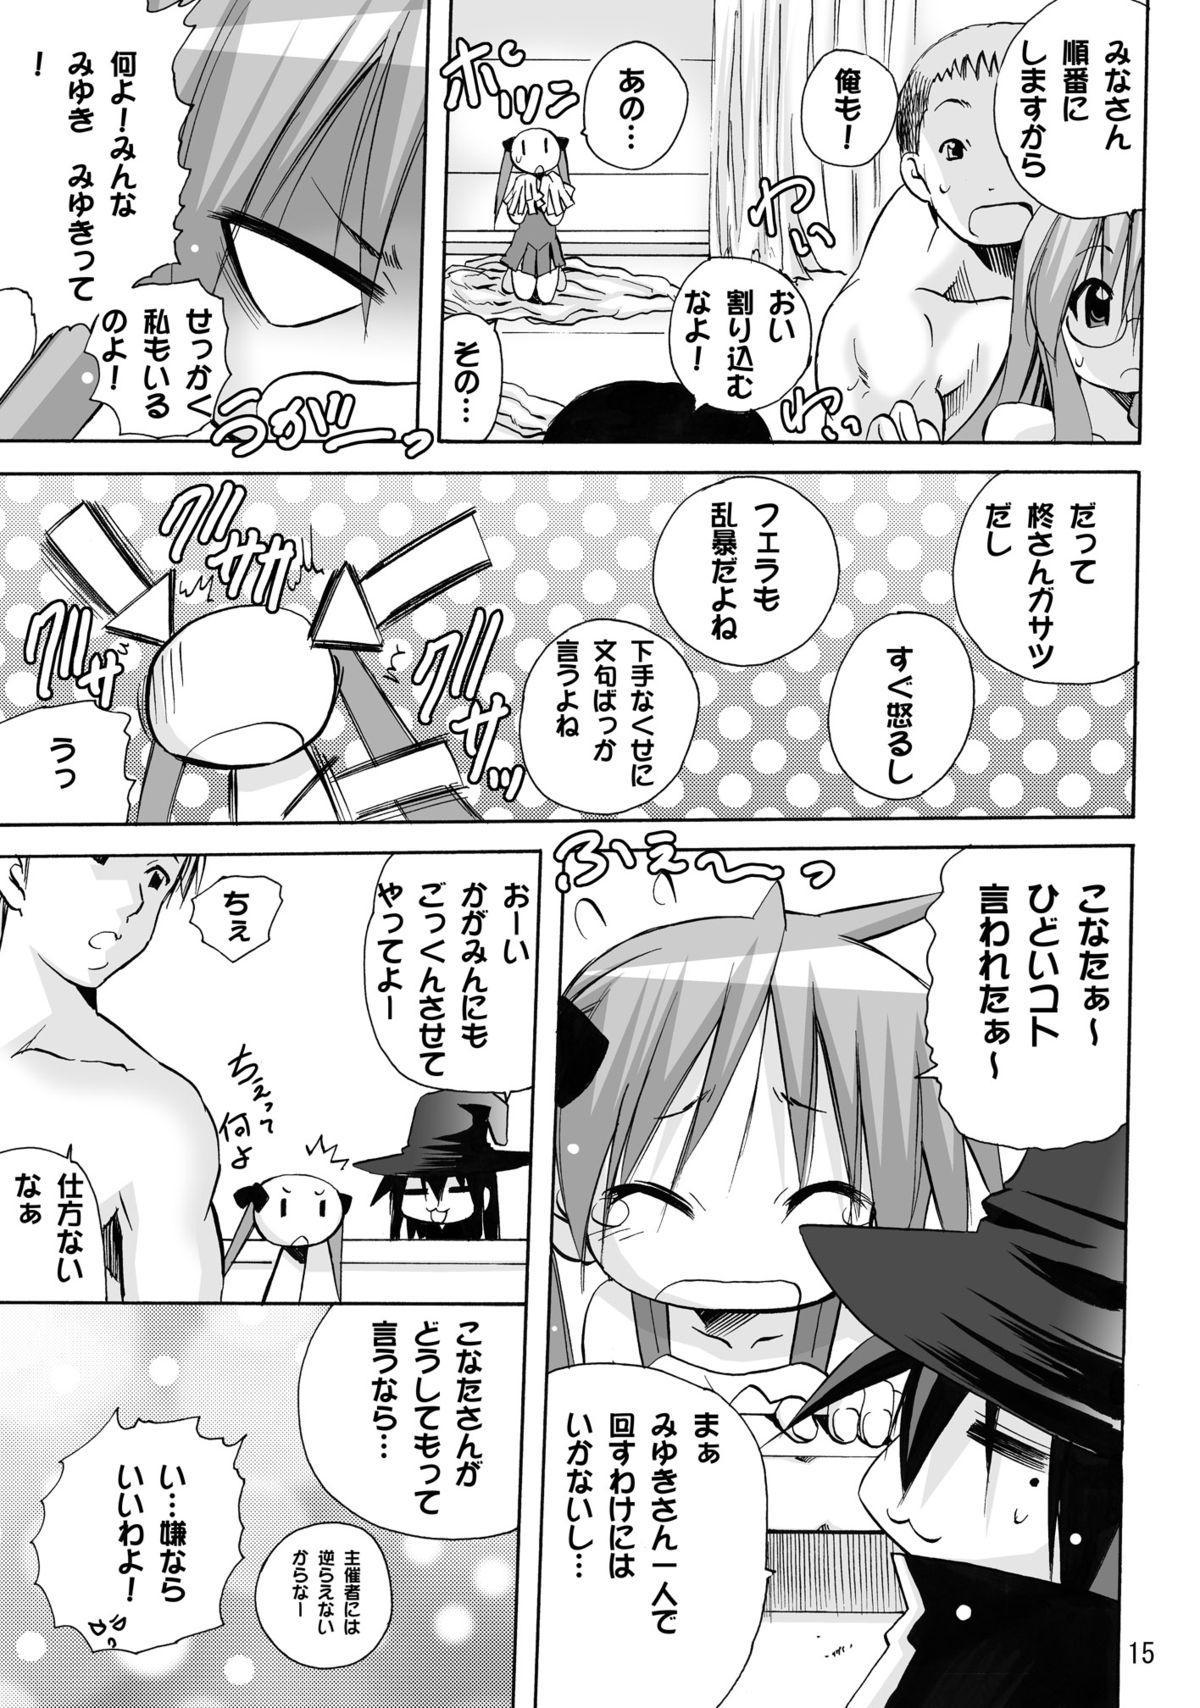 Kagamin no Cheer-cos de Gokkun no Susume 14